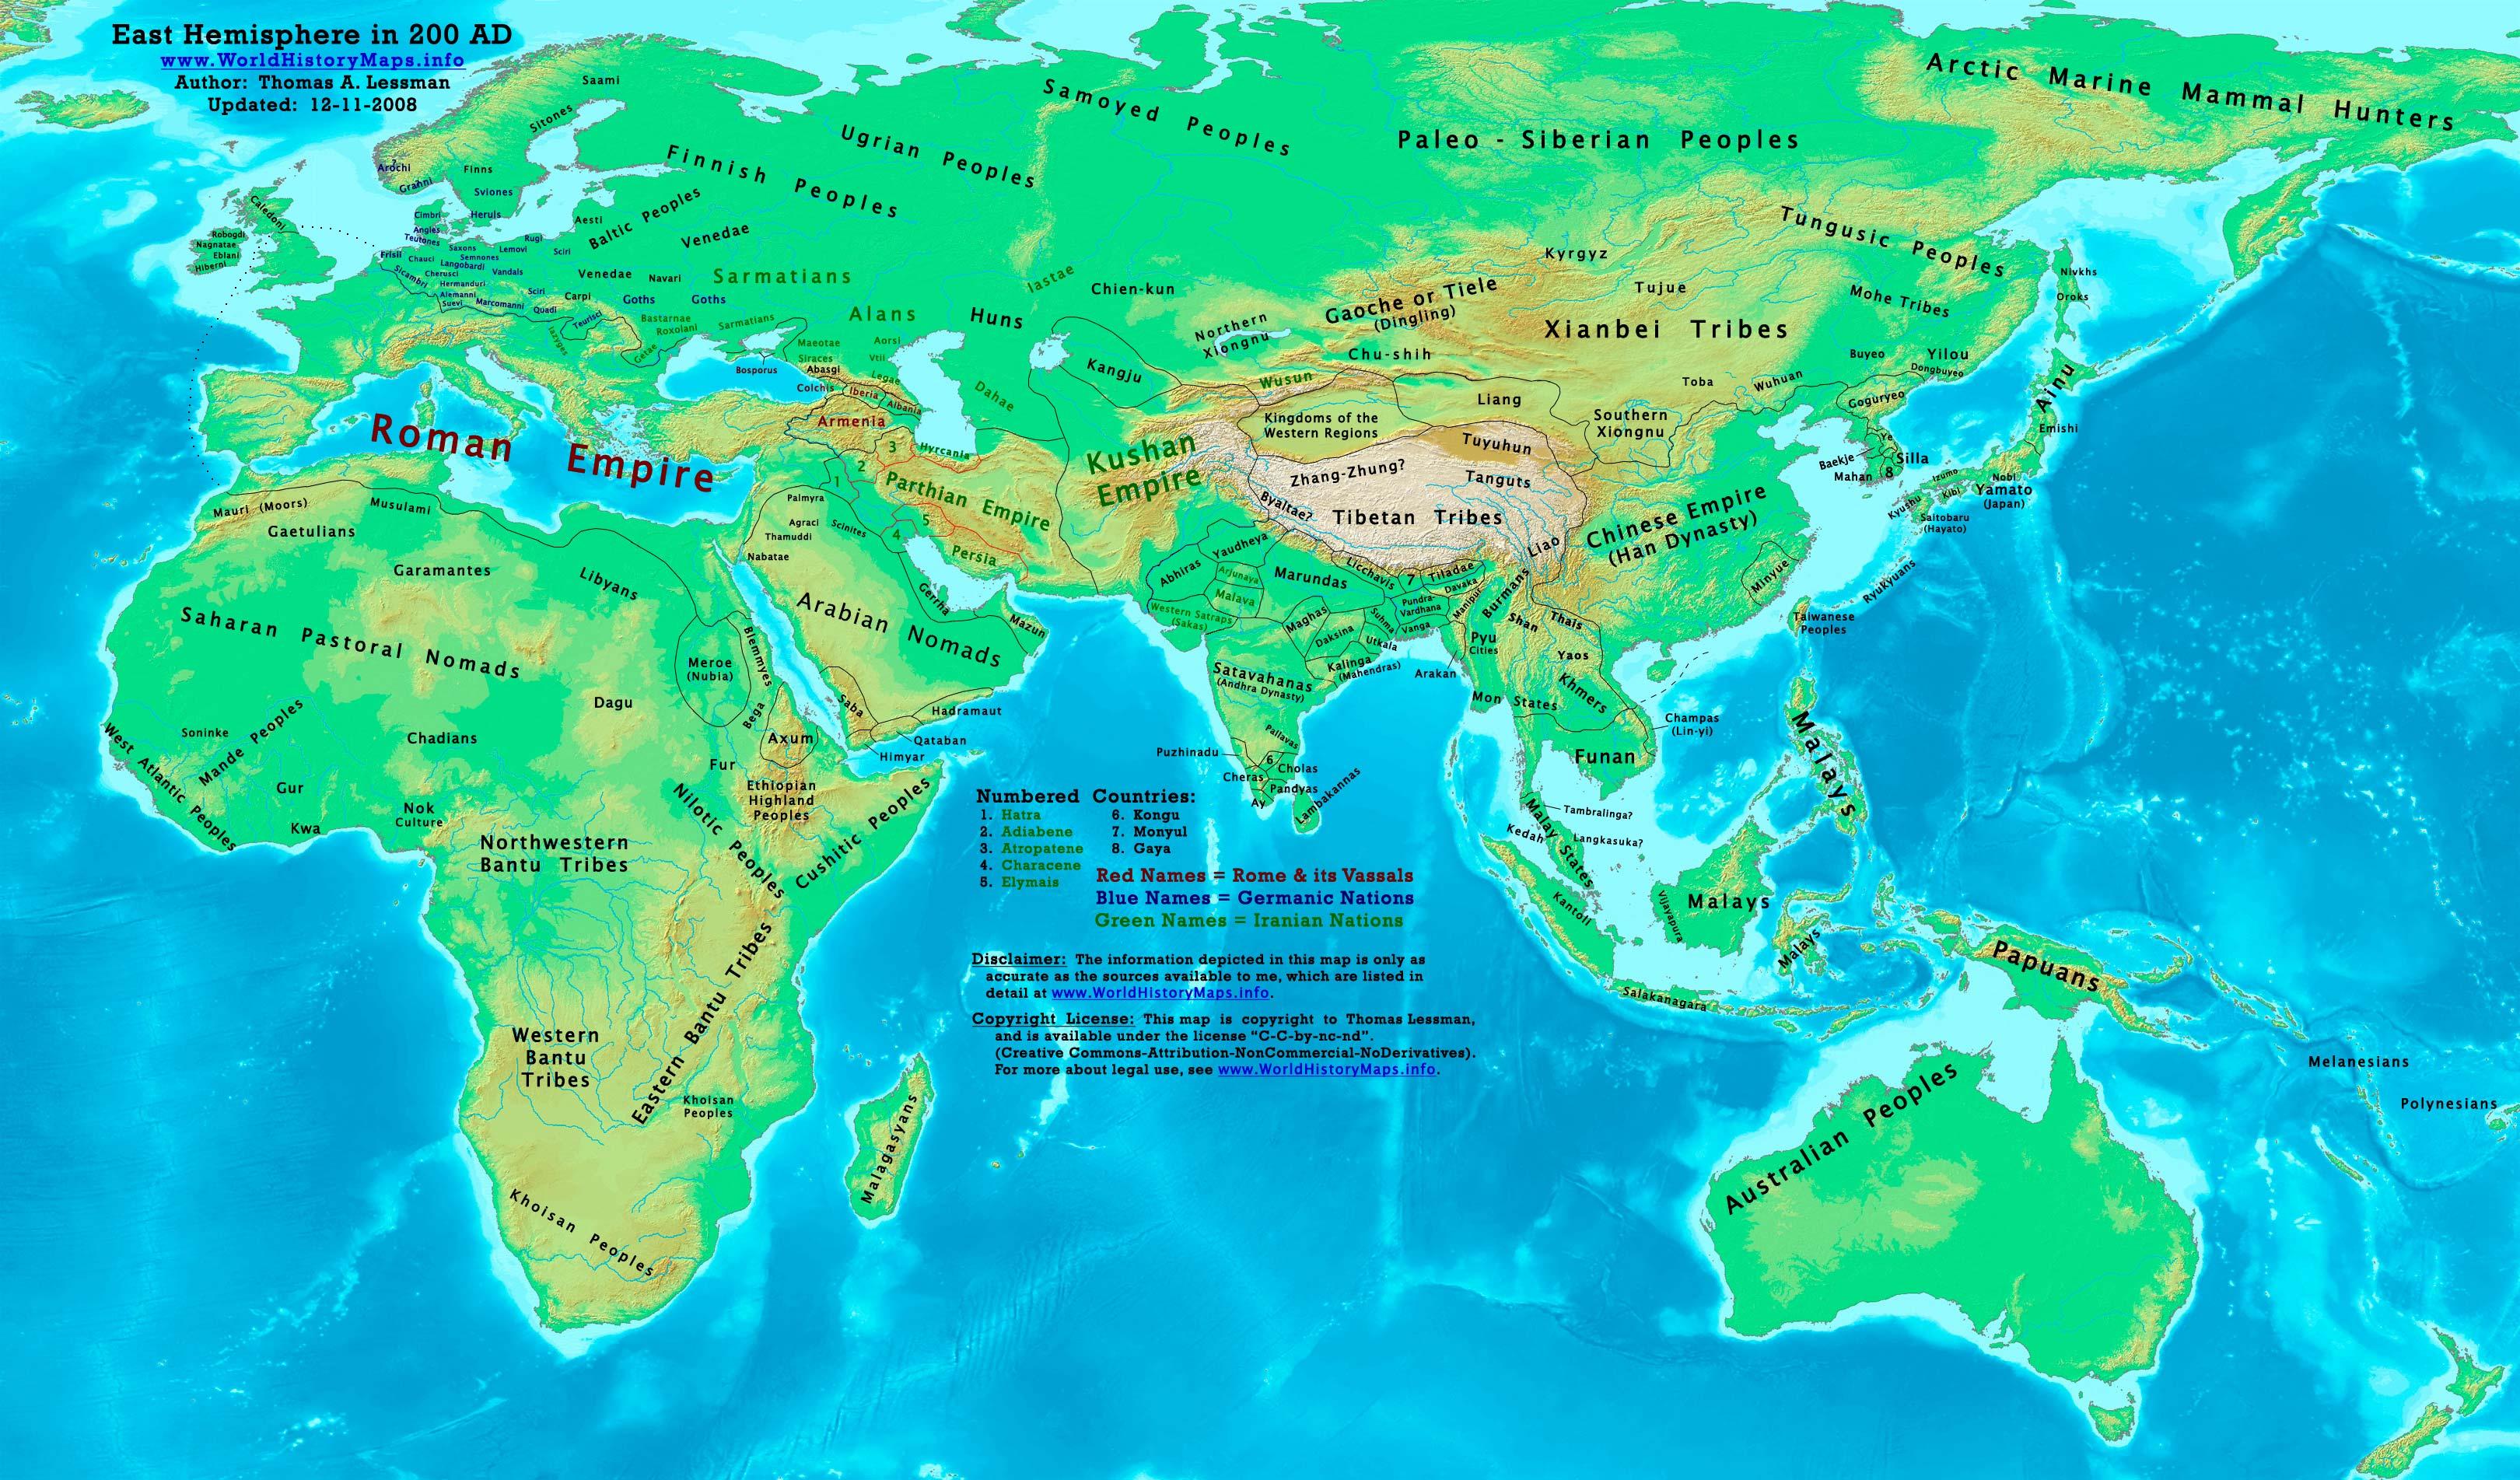 http://worldhistorymaps.info/images/East-Hem_200ad.jpg